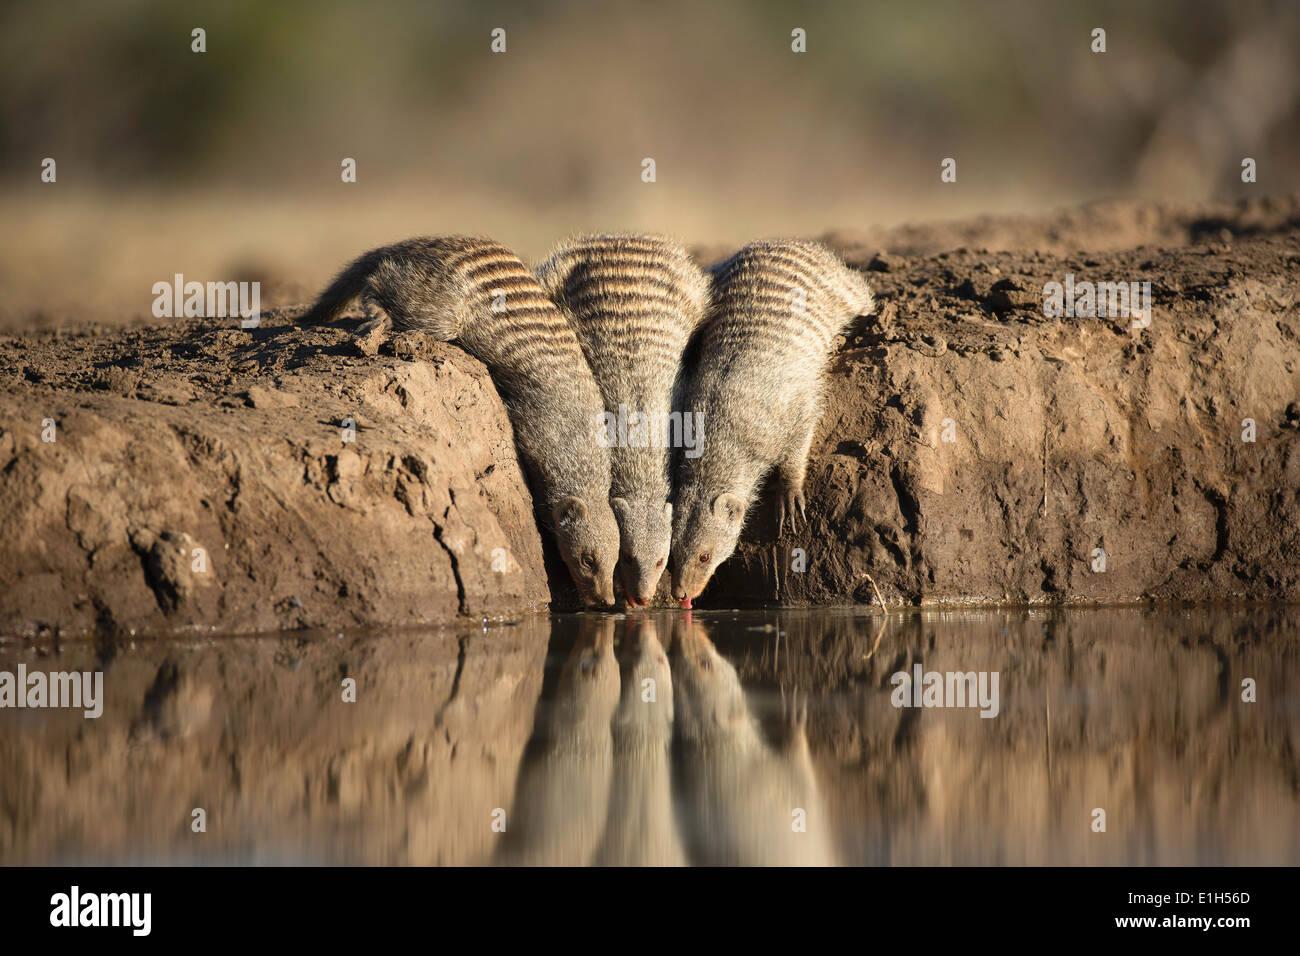 Three banded mongoose (Mungos mungo) at watering hole Mashatu game reserve, Botswana, Africa - Stock Image